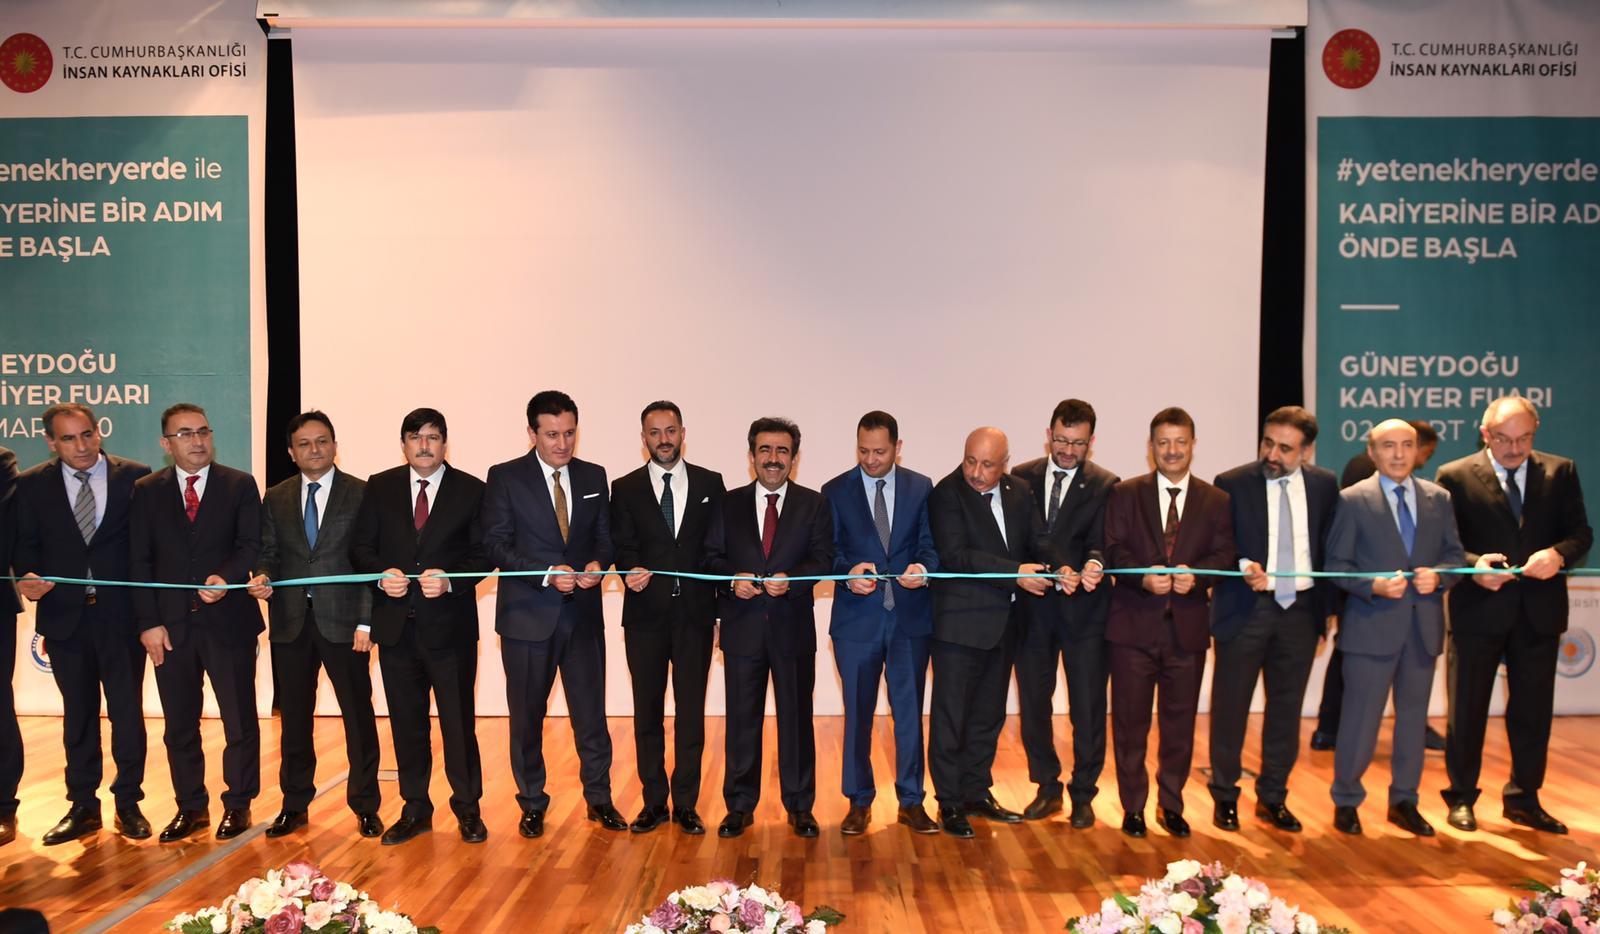 VİDEO - Diyarbakır'da bölgesel kariyer fuarı açıldı